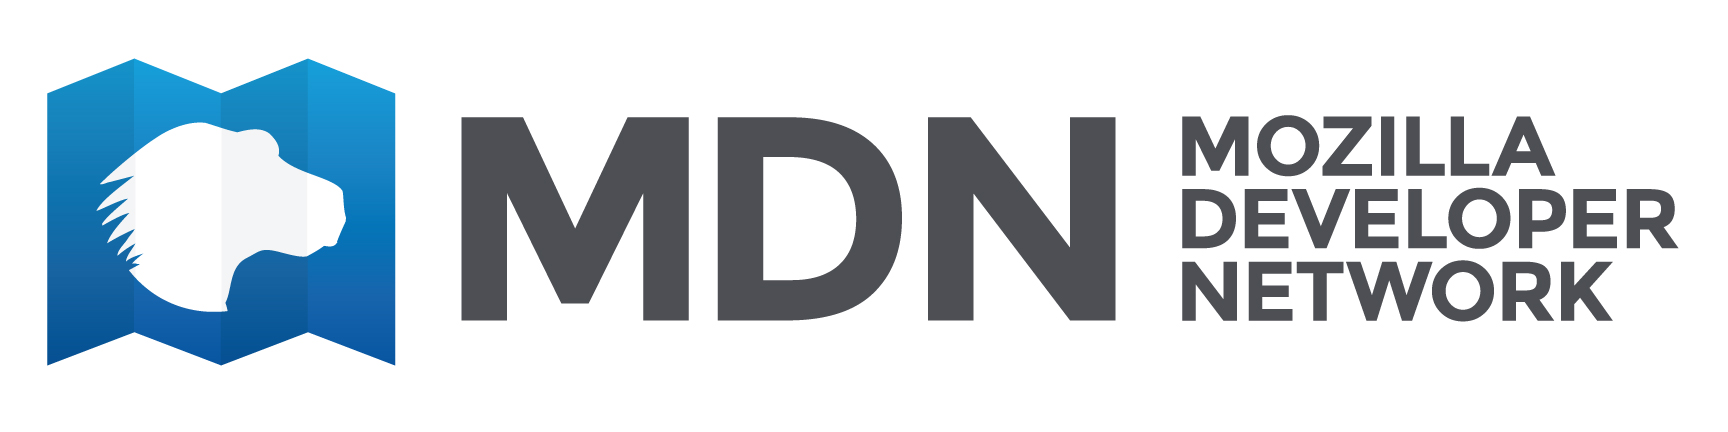 Logo de MDN